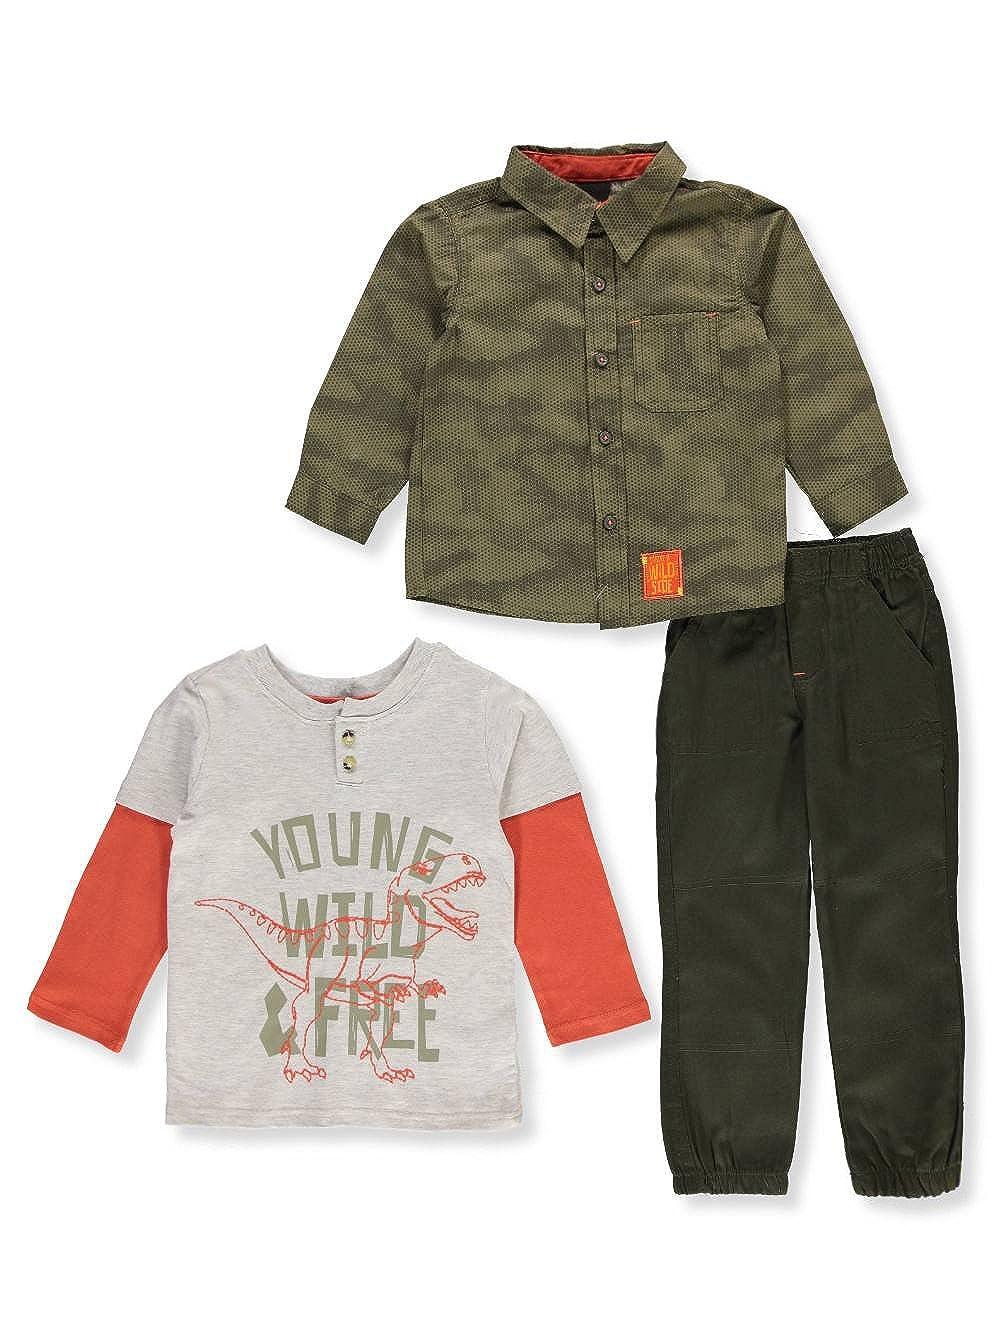 Little Rebels Boys' 3-Piece Pants Set Outfit